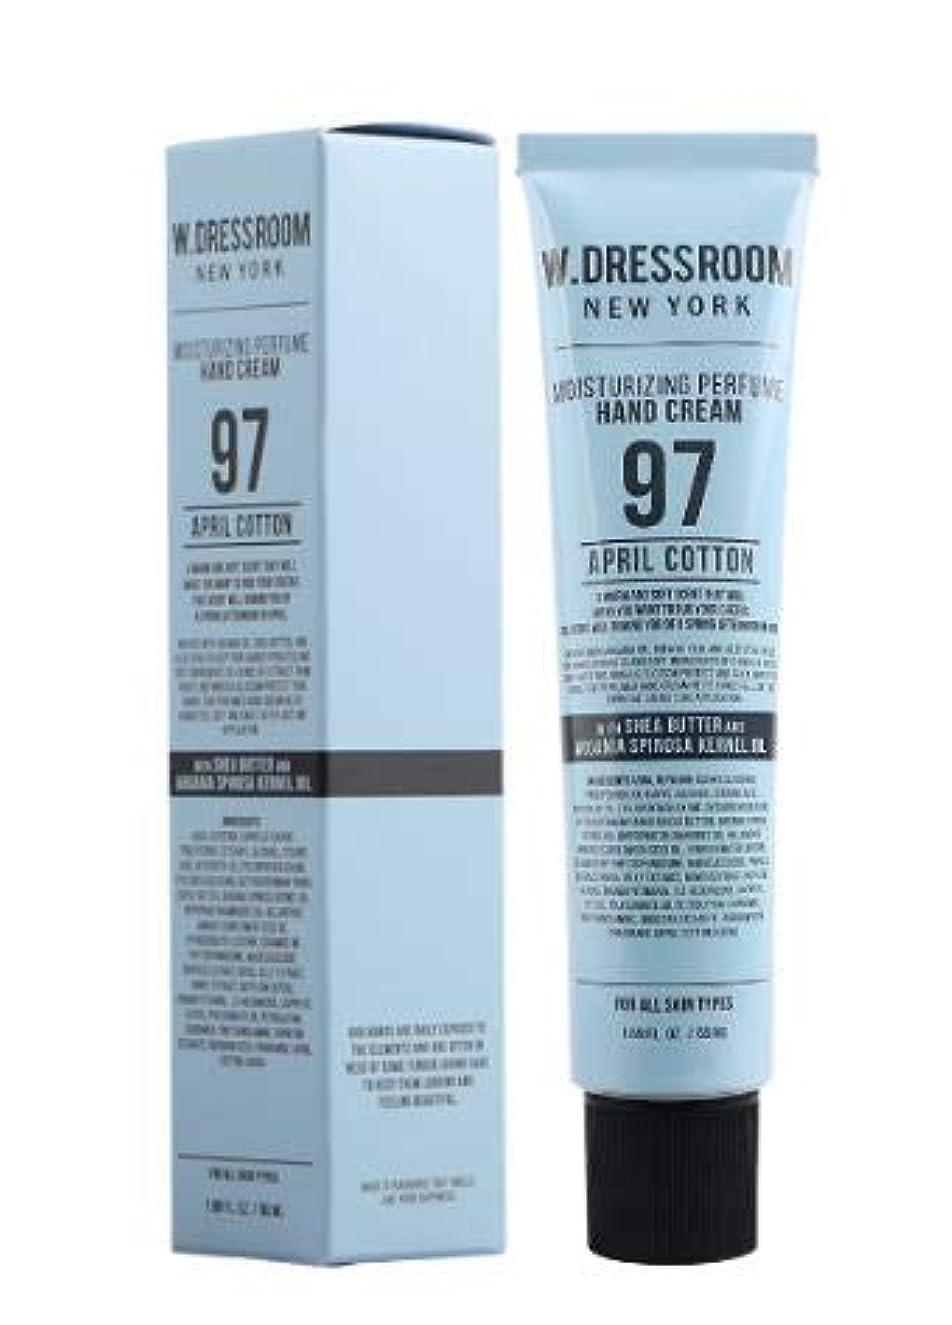 被るハードウェアレンジ[Renewal] W.DRESSROOM Perfume Hand Cream (NO.97 APRIL COTTON) /パフューム ハンドクリーム [並行輸入品]